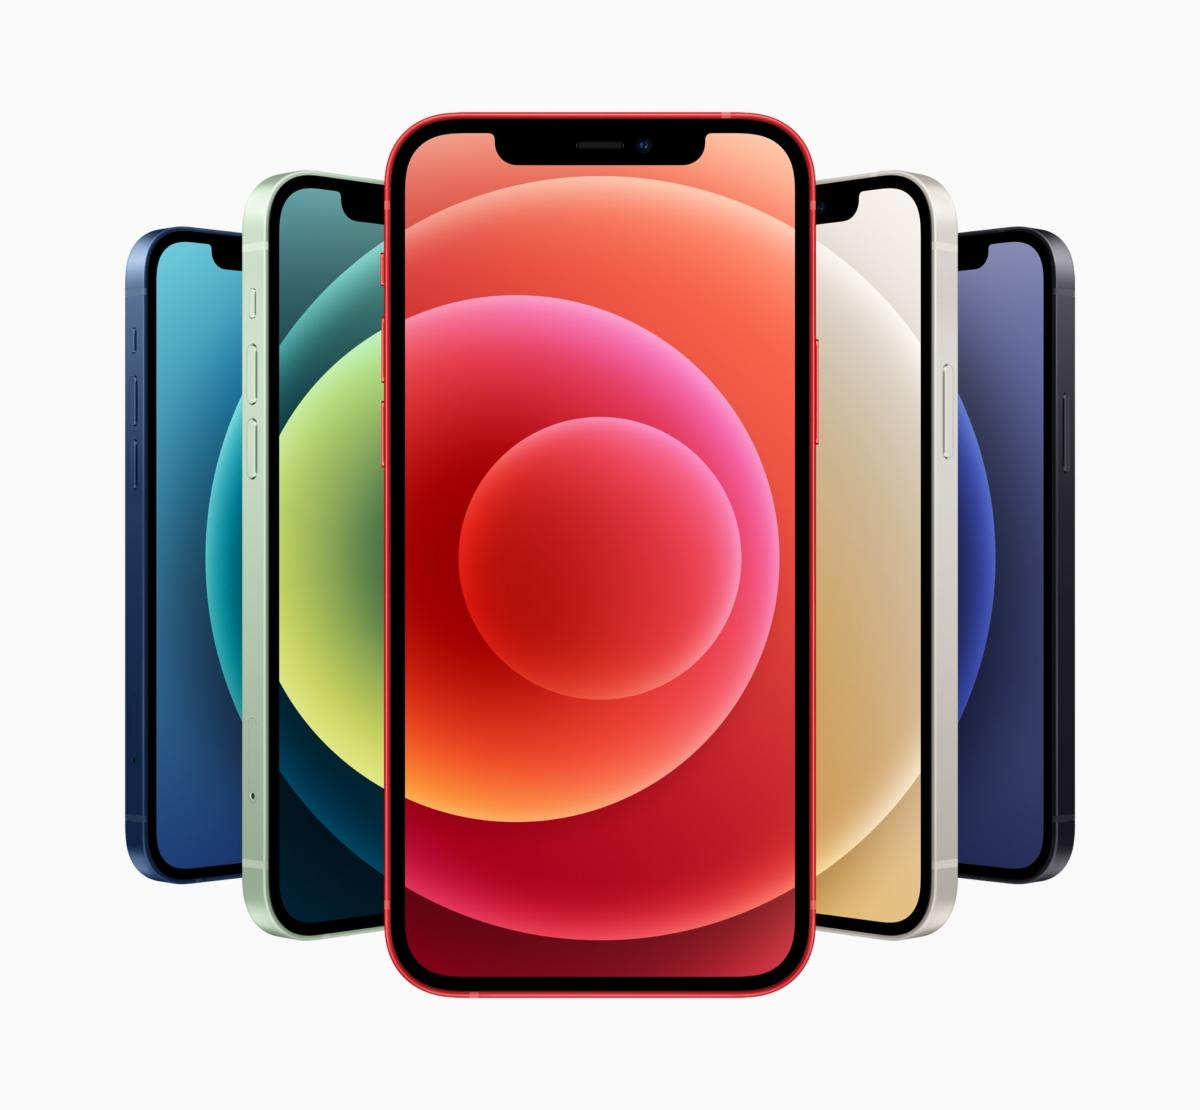 애플 아이폰12 (사진: 애플)